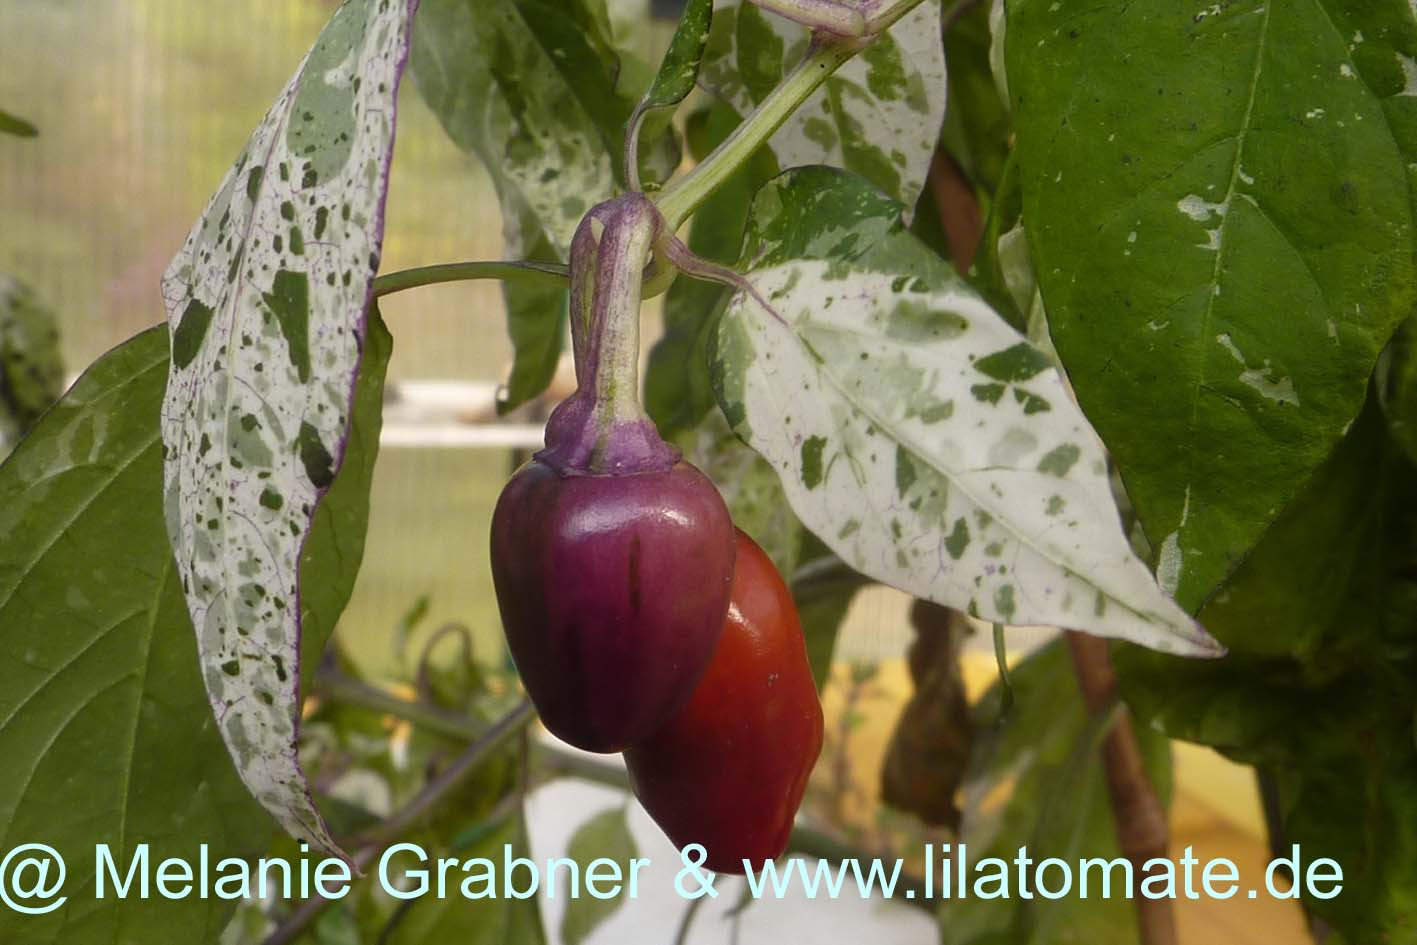 Chili 'Variegata', 'Purple tiger' Saatgut